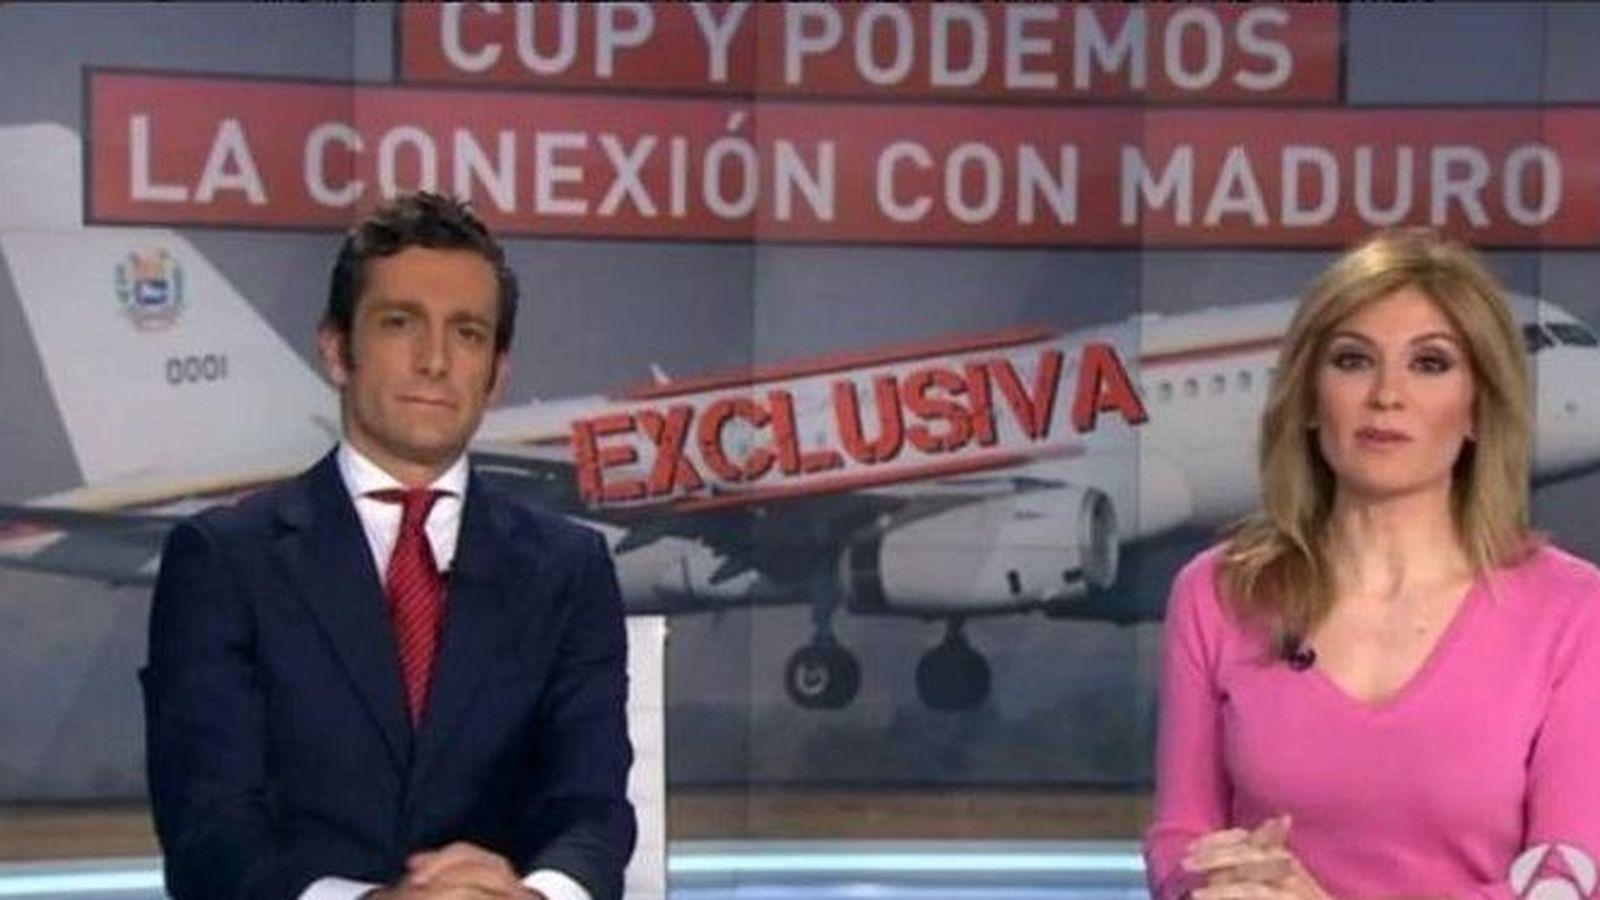 Foto: Periodistas de Antena 3 presentan una exclusiva sobre un viaje de la CUP y Podemos a Venezuela.